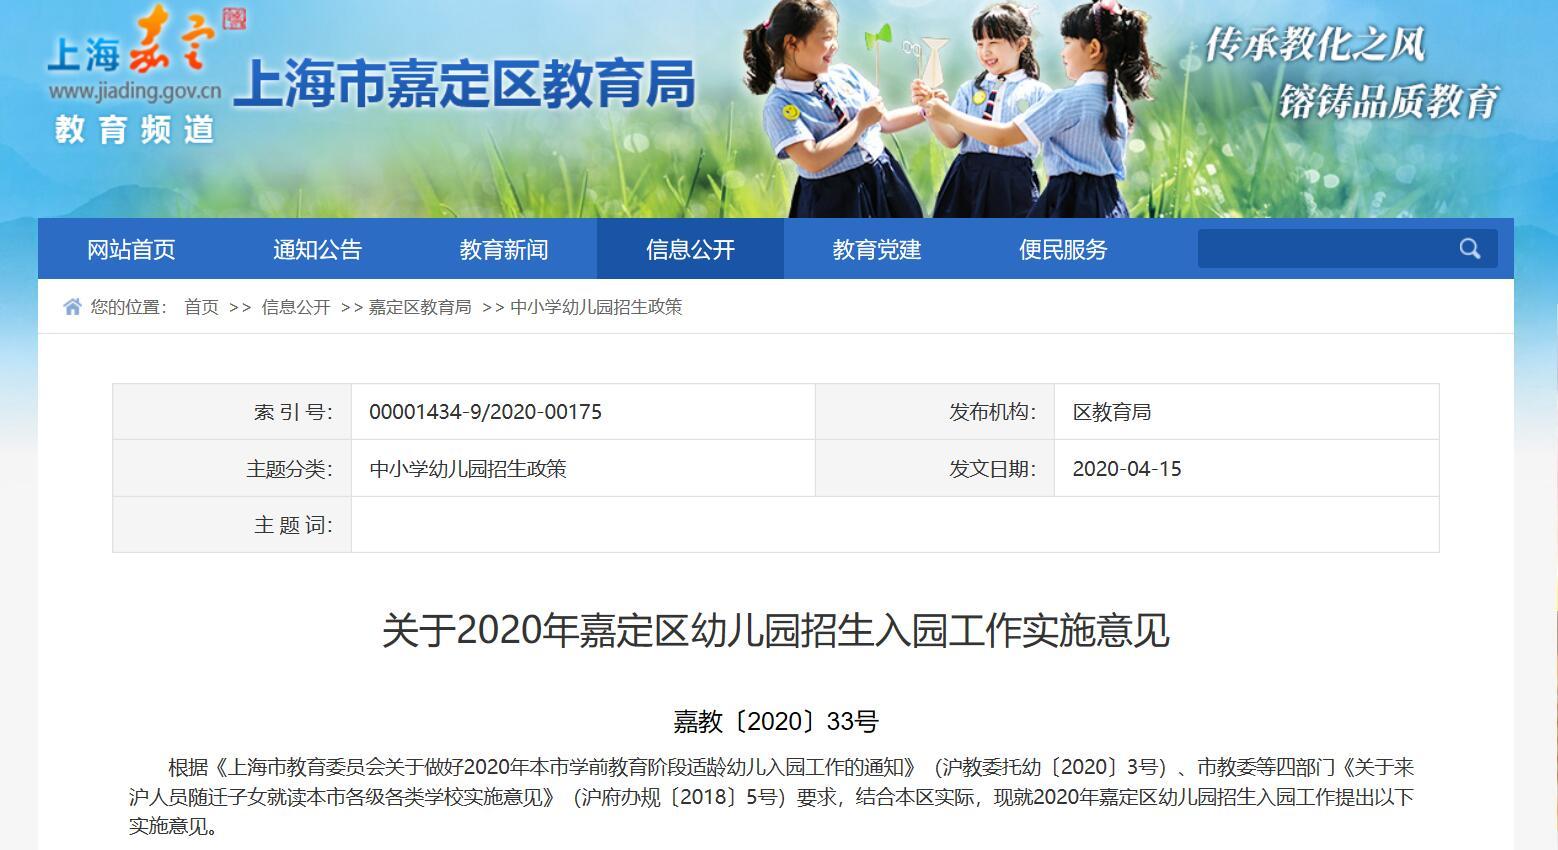 2020上海嘉定区幼儿园报名时间+报名网站